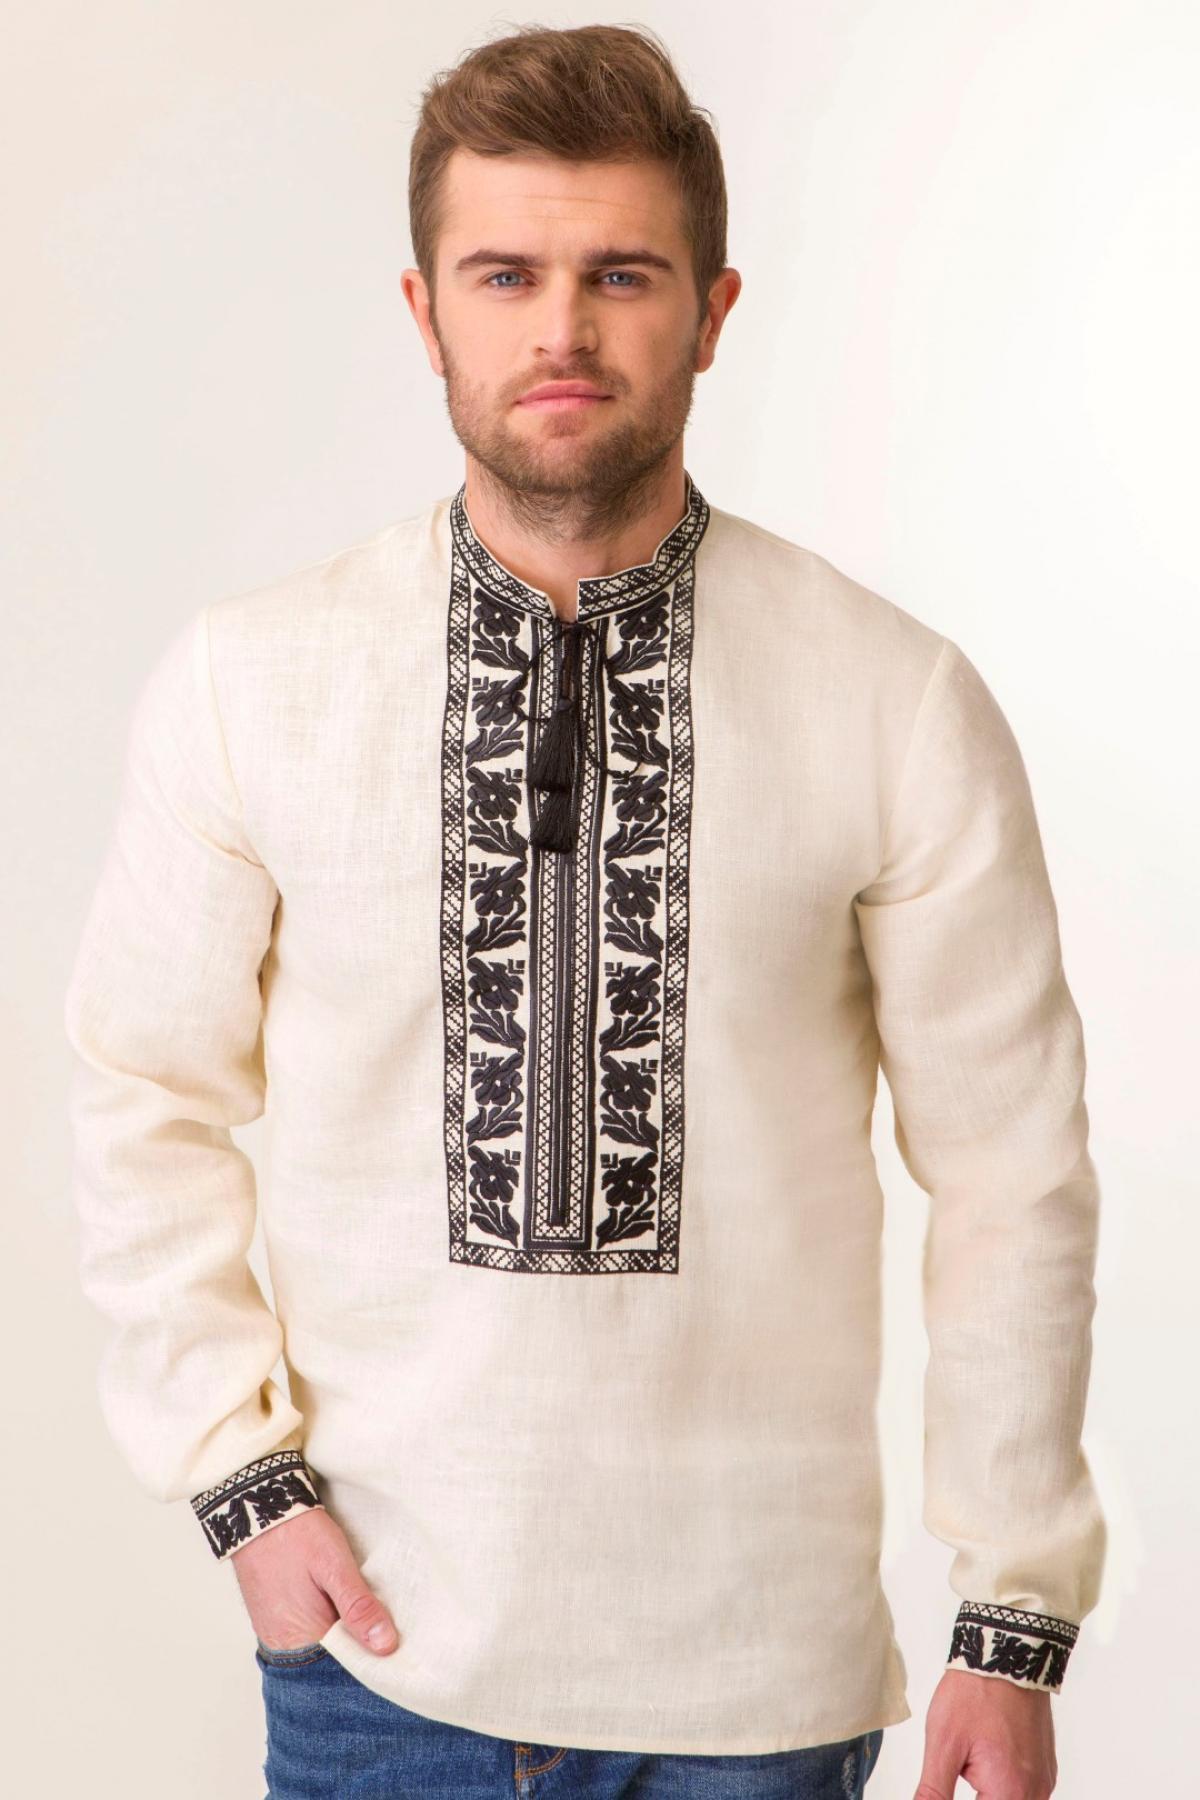 Чоловіча вишиванка на натуральному льоні з чорною вишивкою. Фото №1. | Народний дім Україна